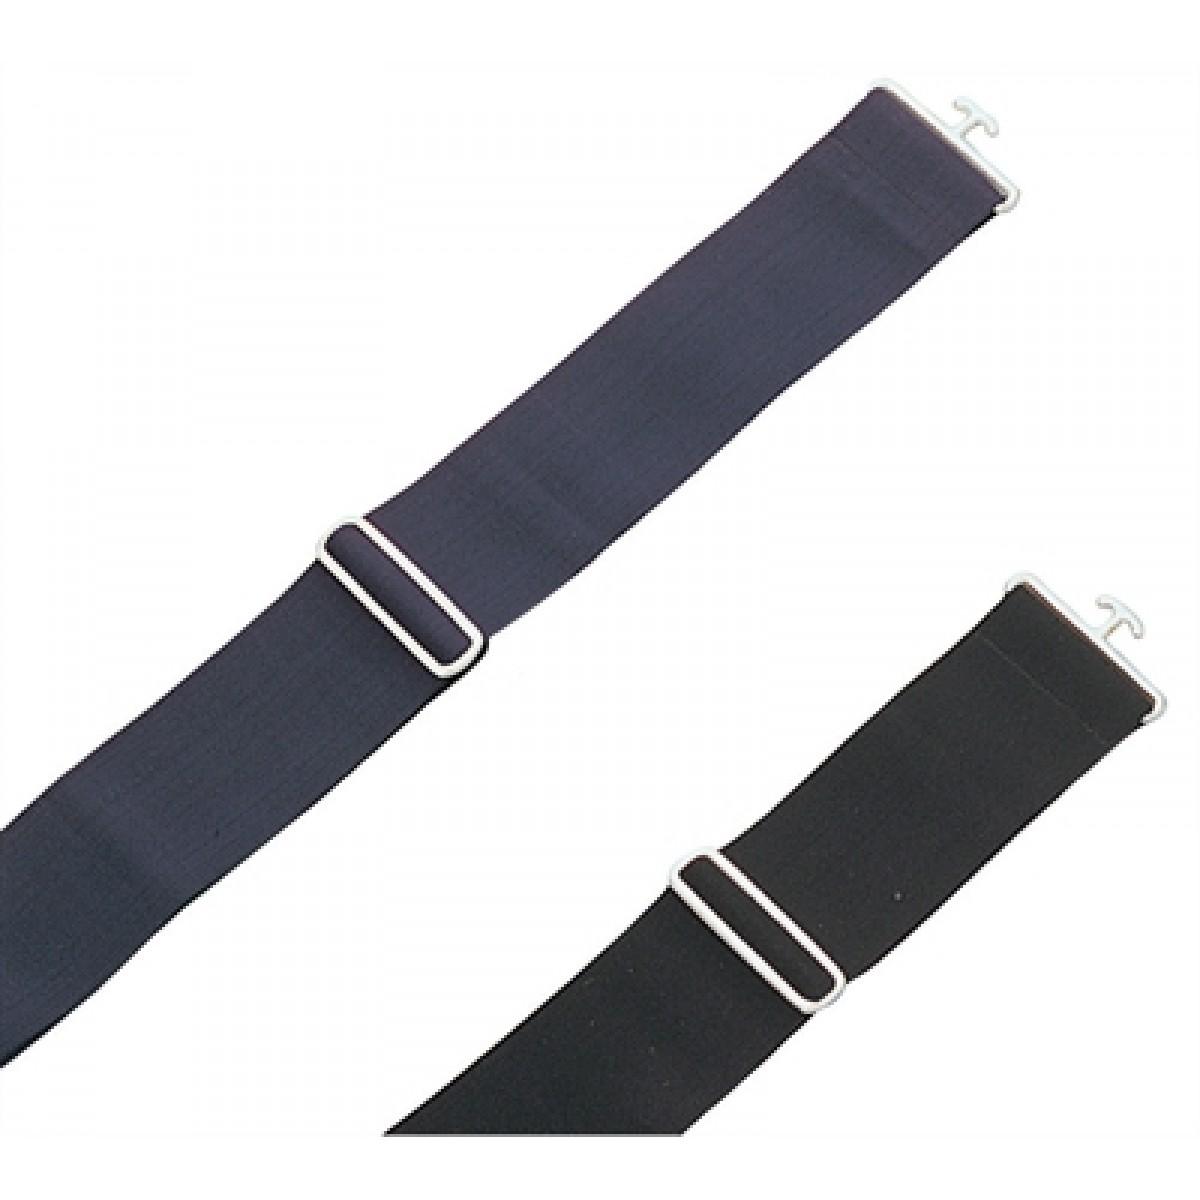 Dækkegjord elastik